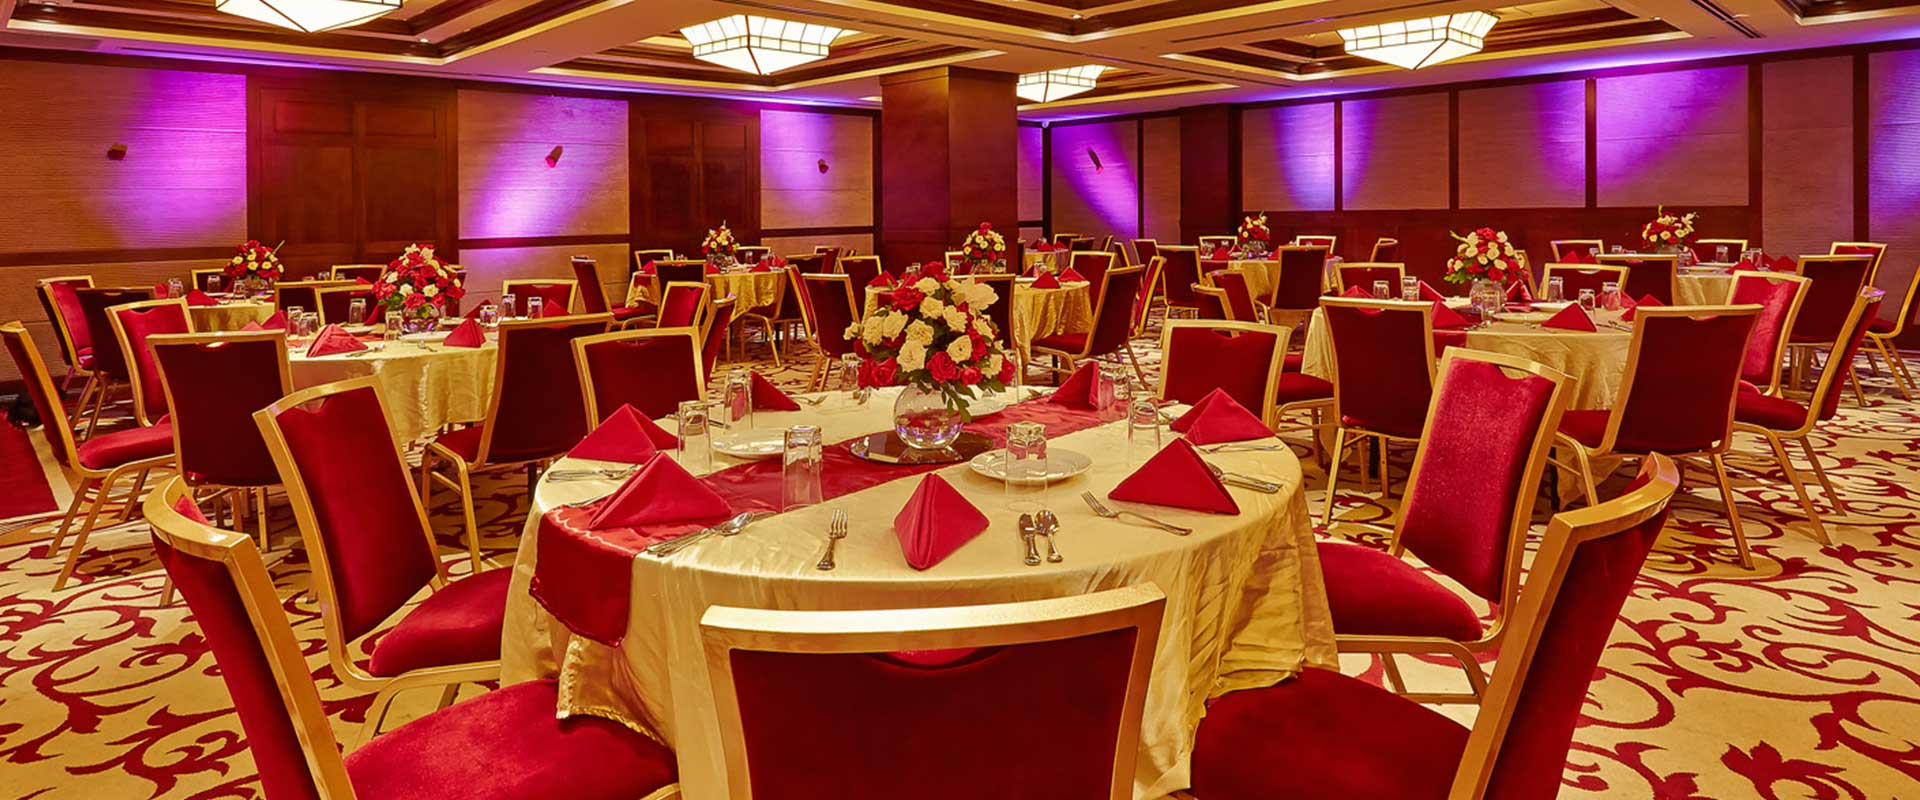 sixseasons-banquets